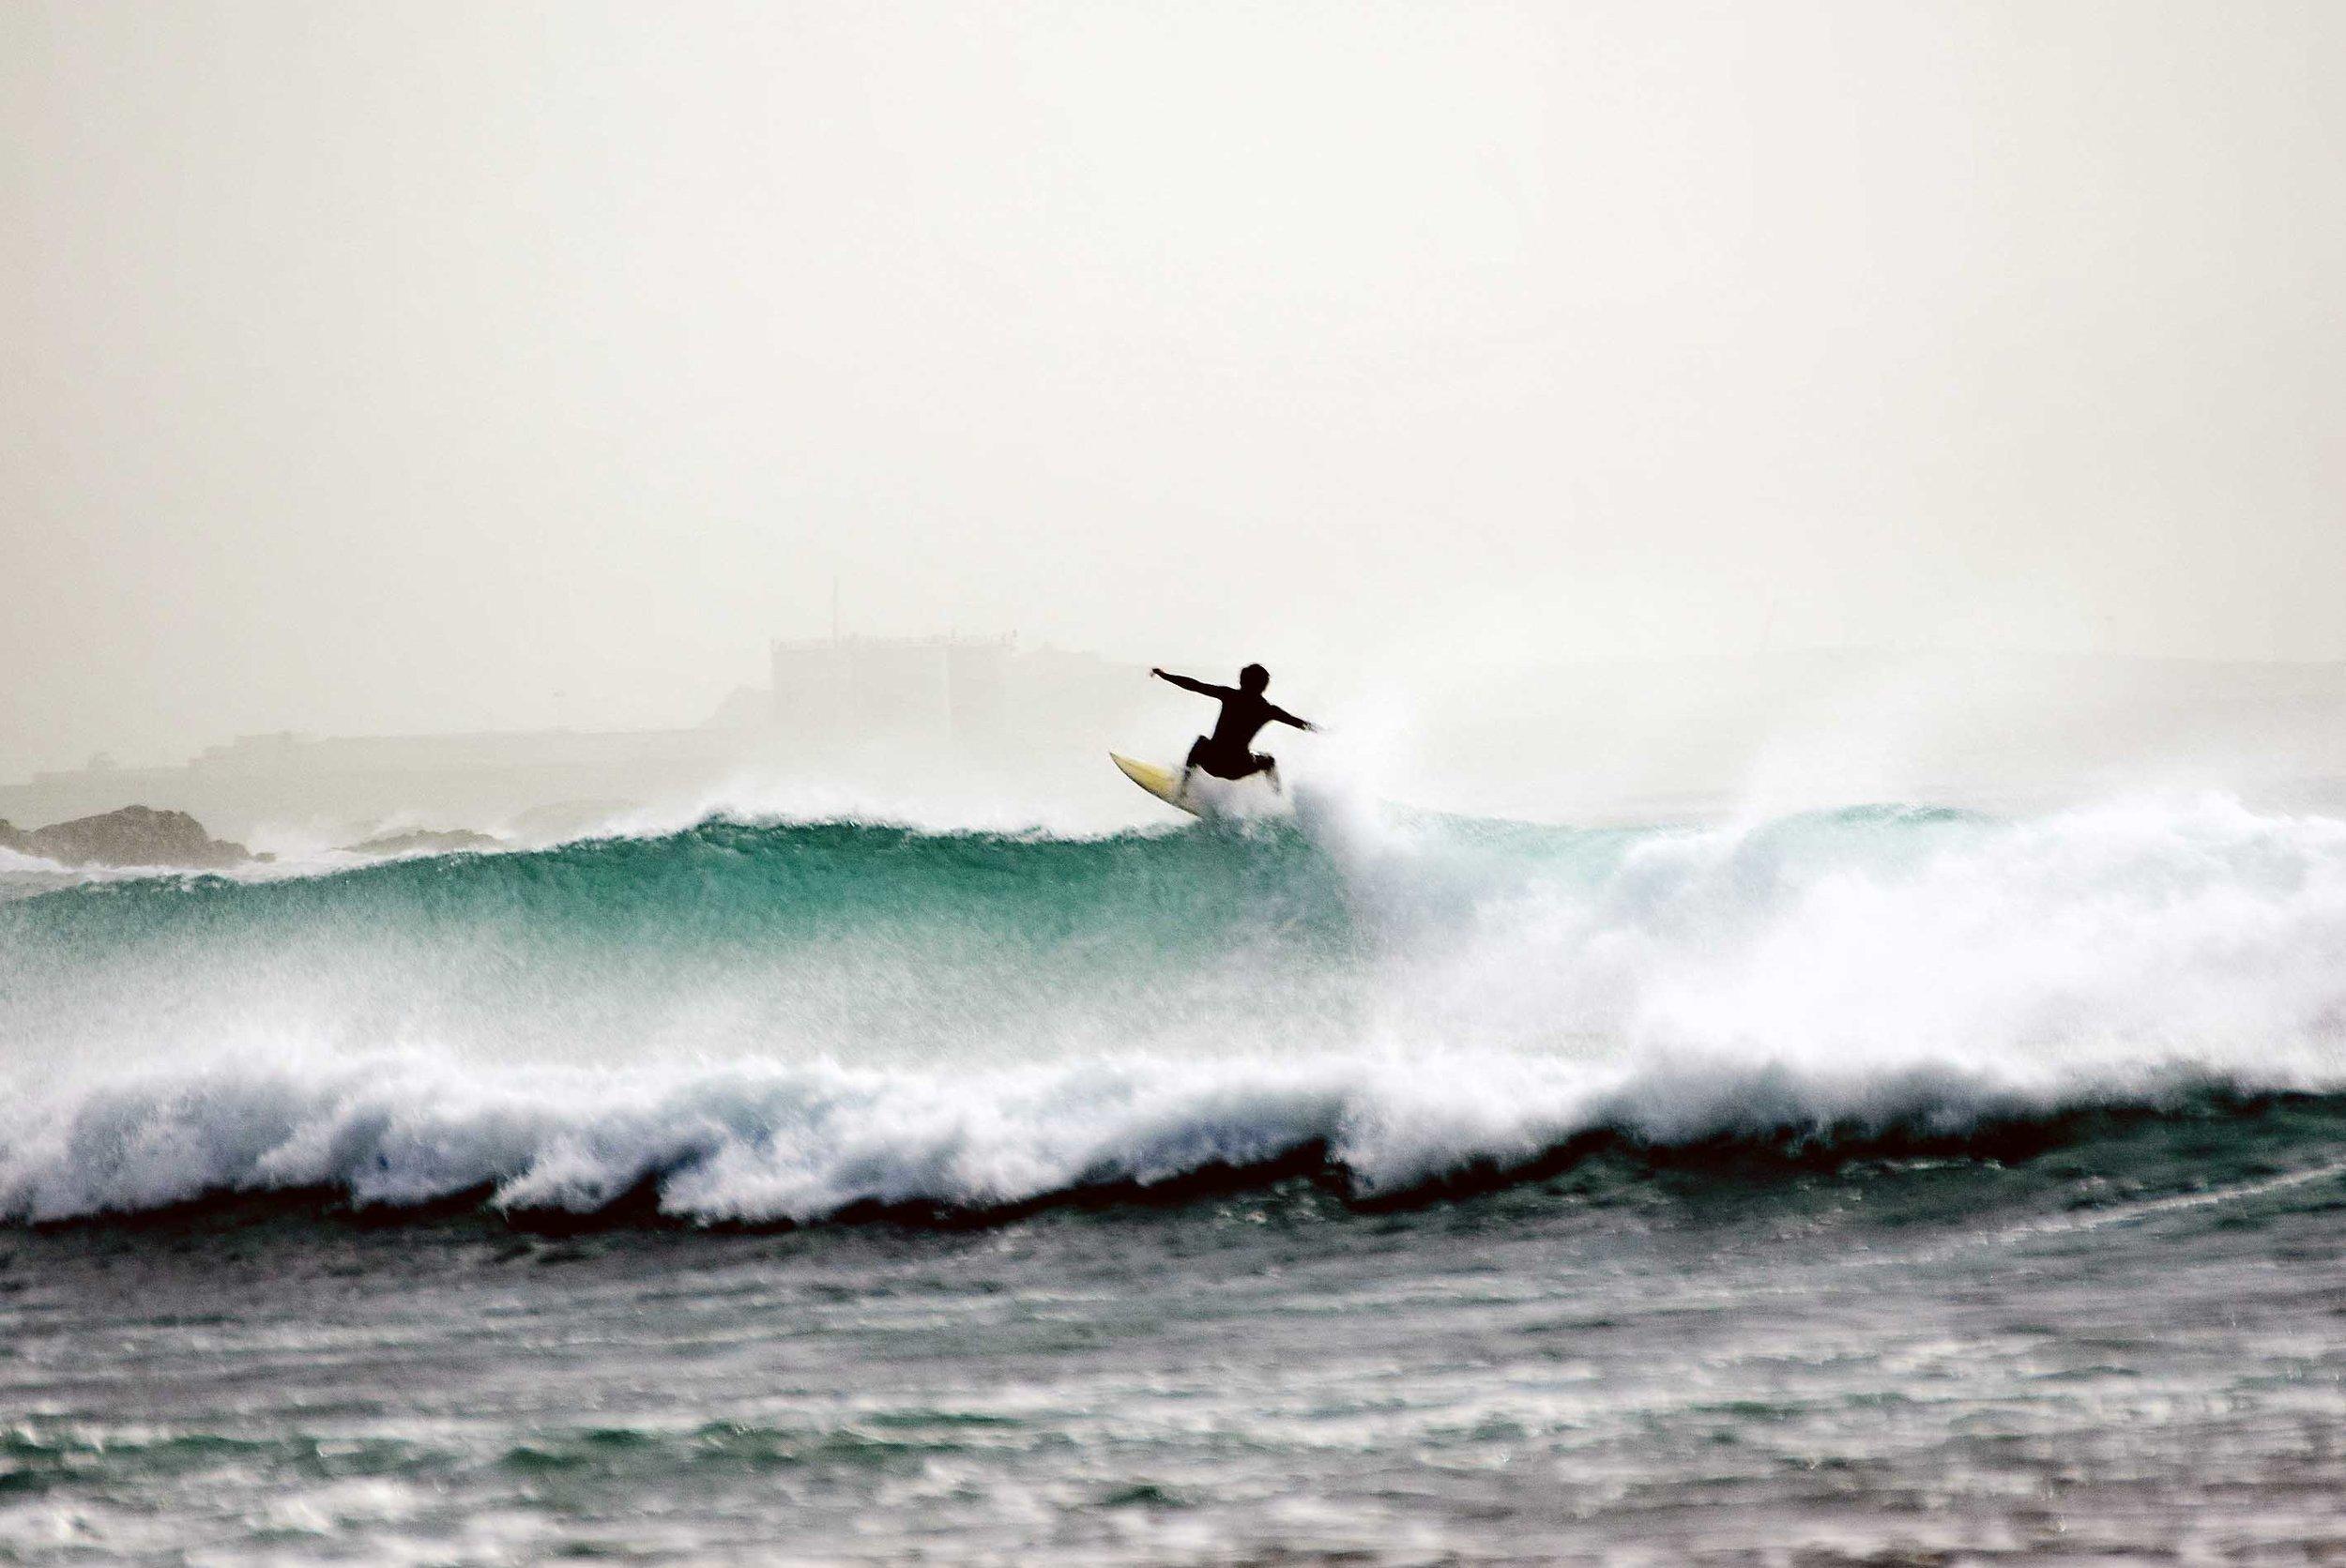 Surf - Morabeza Kitesurfing in Boa Vista Cape Verde.jpg